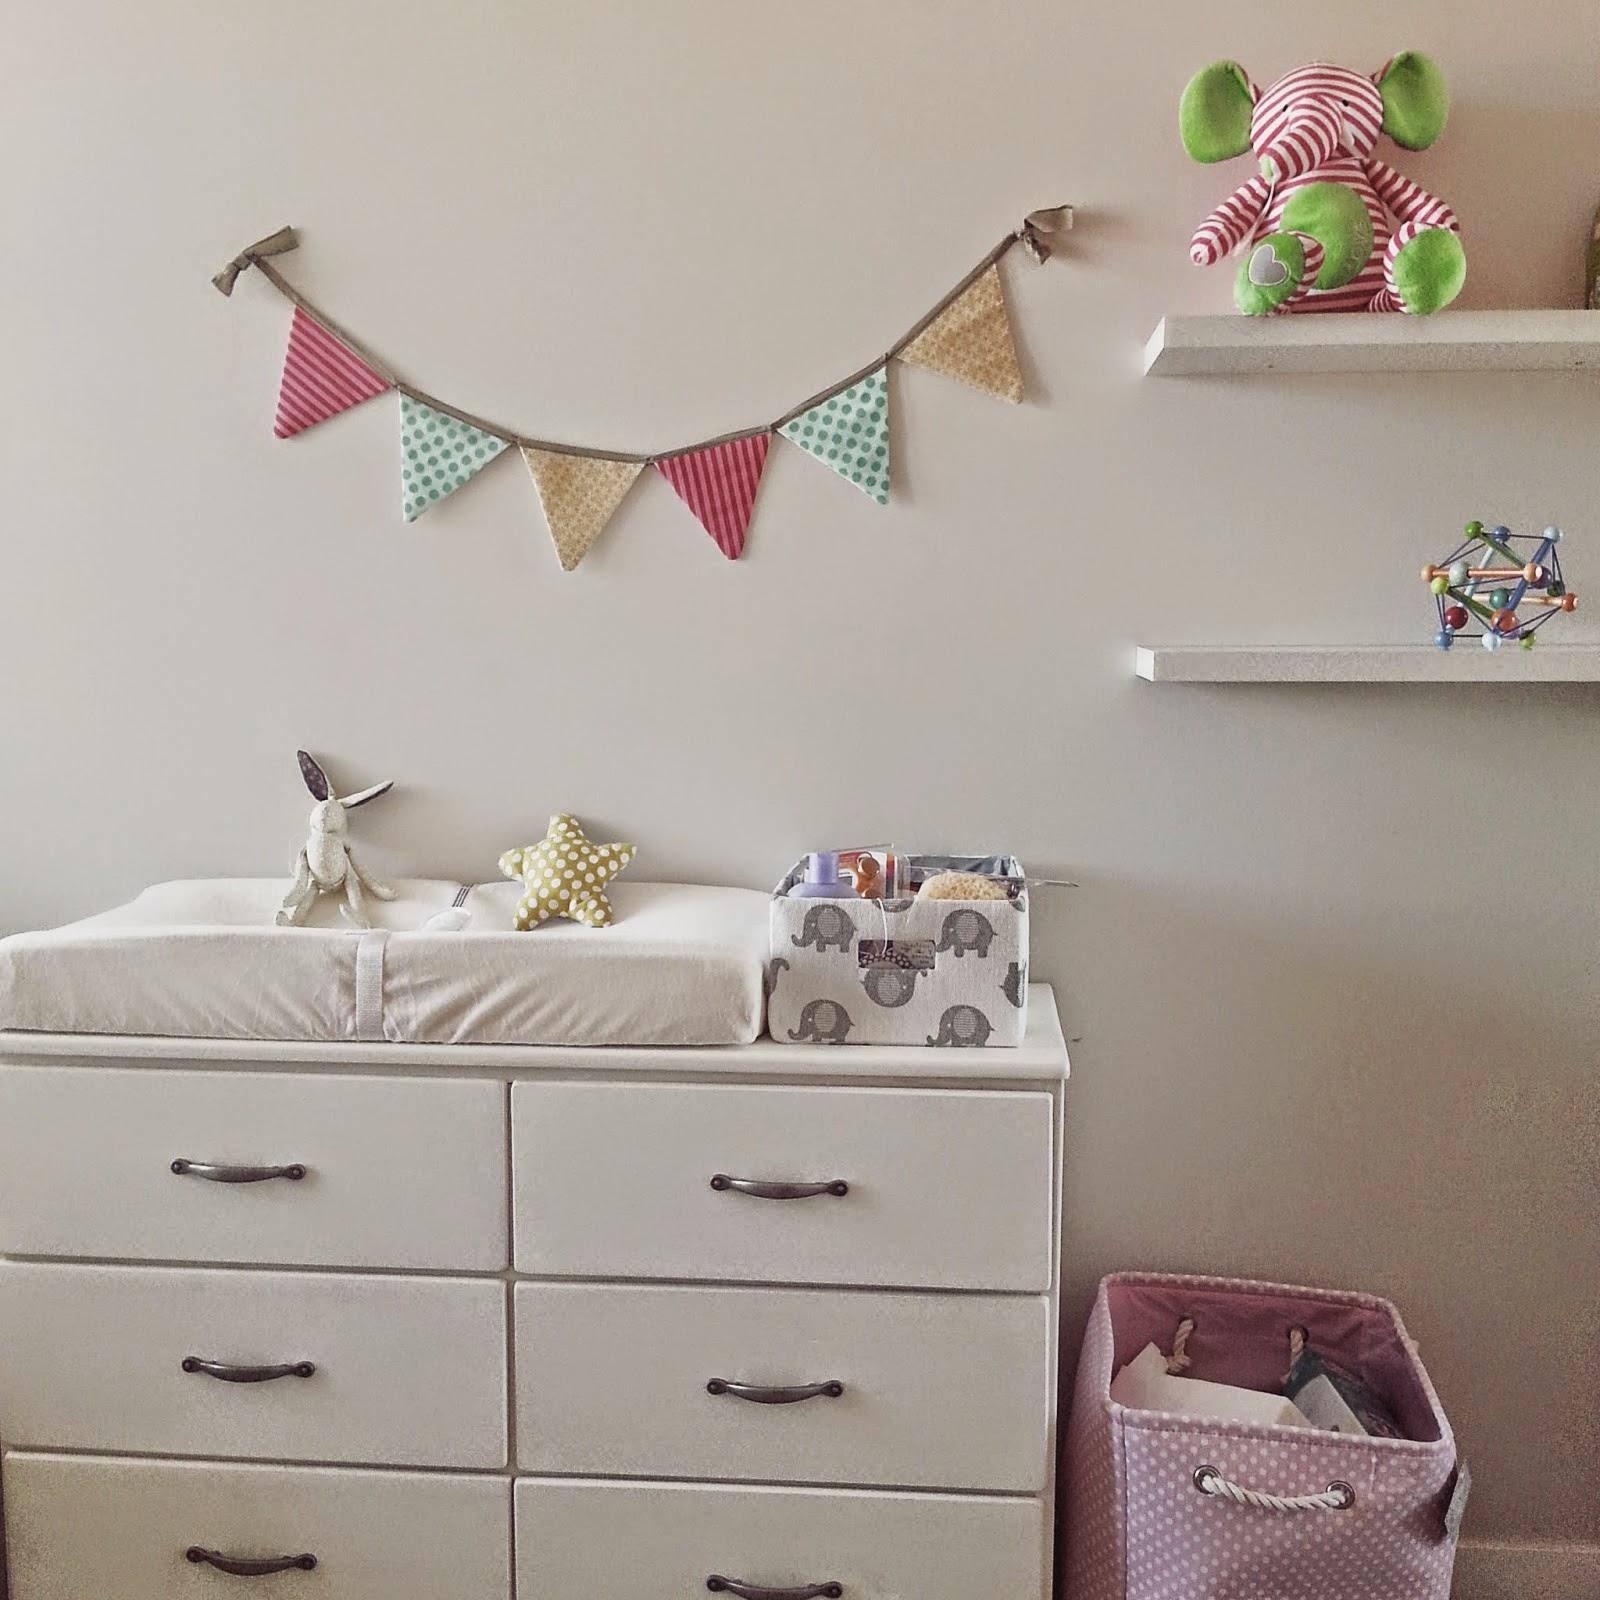 ikea todos conocemos ikea y sta tiene una seccin de ninos donde podemos comprar lo que necesitamos para la habitacin del beb